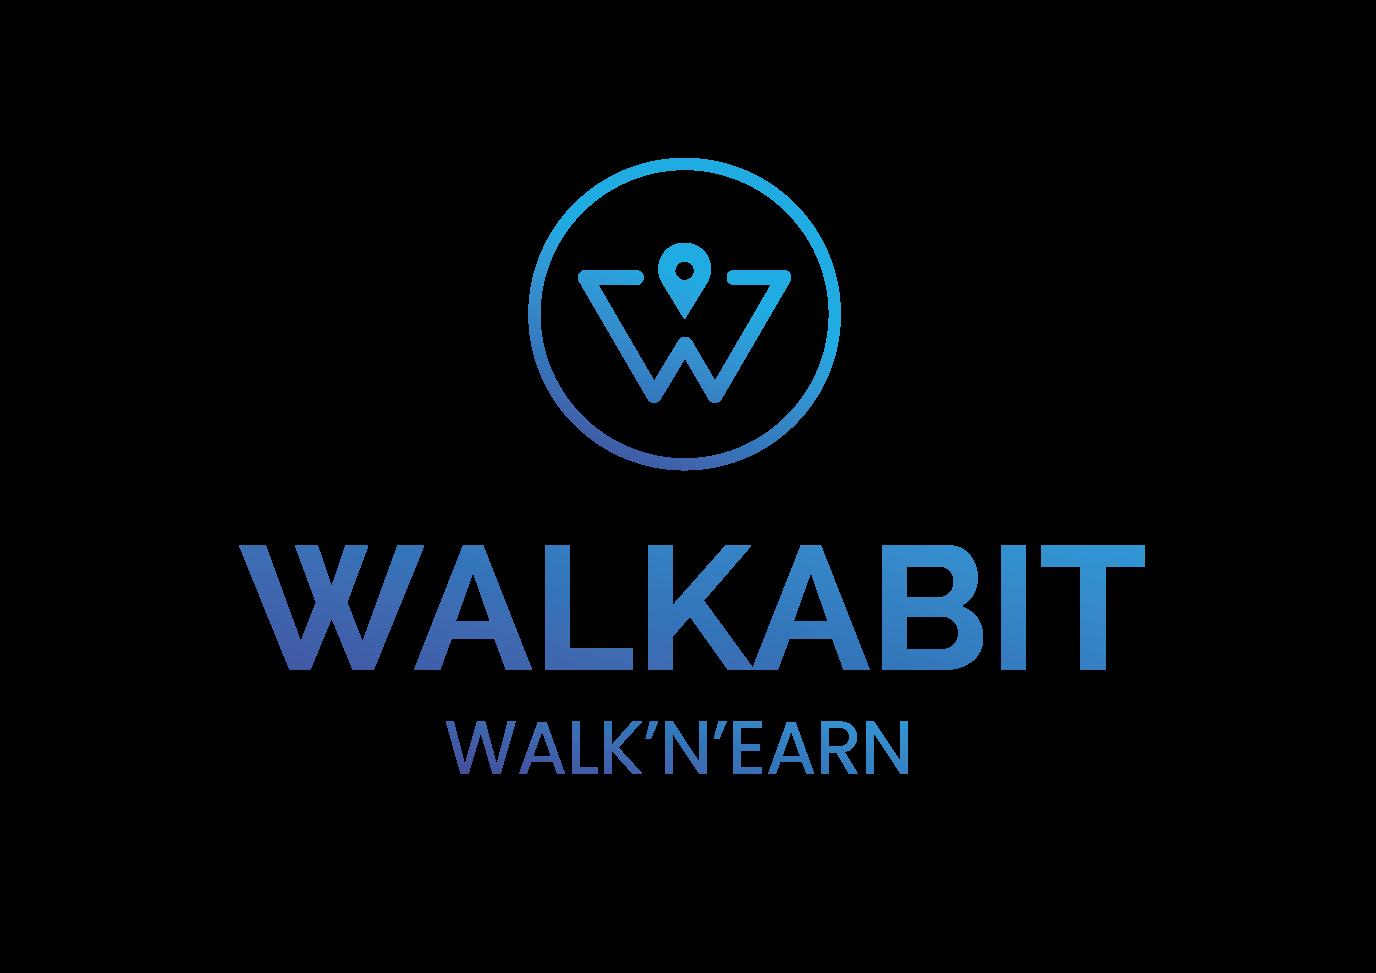 Walkabit_blue.png